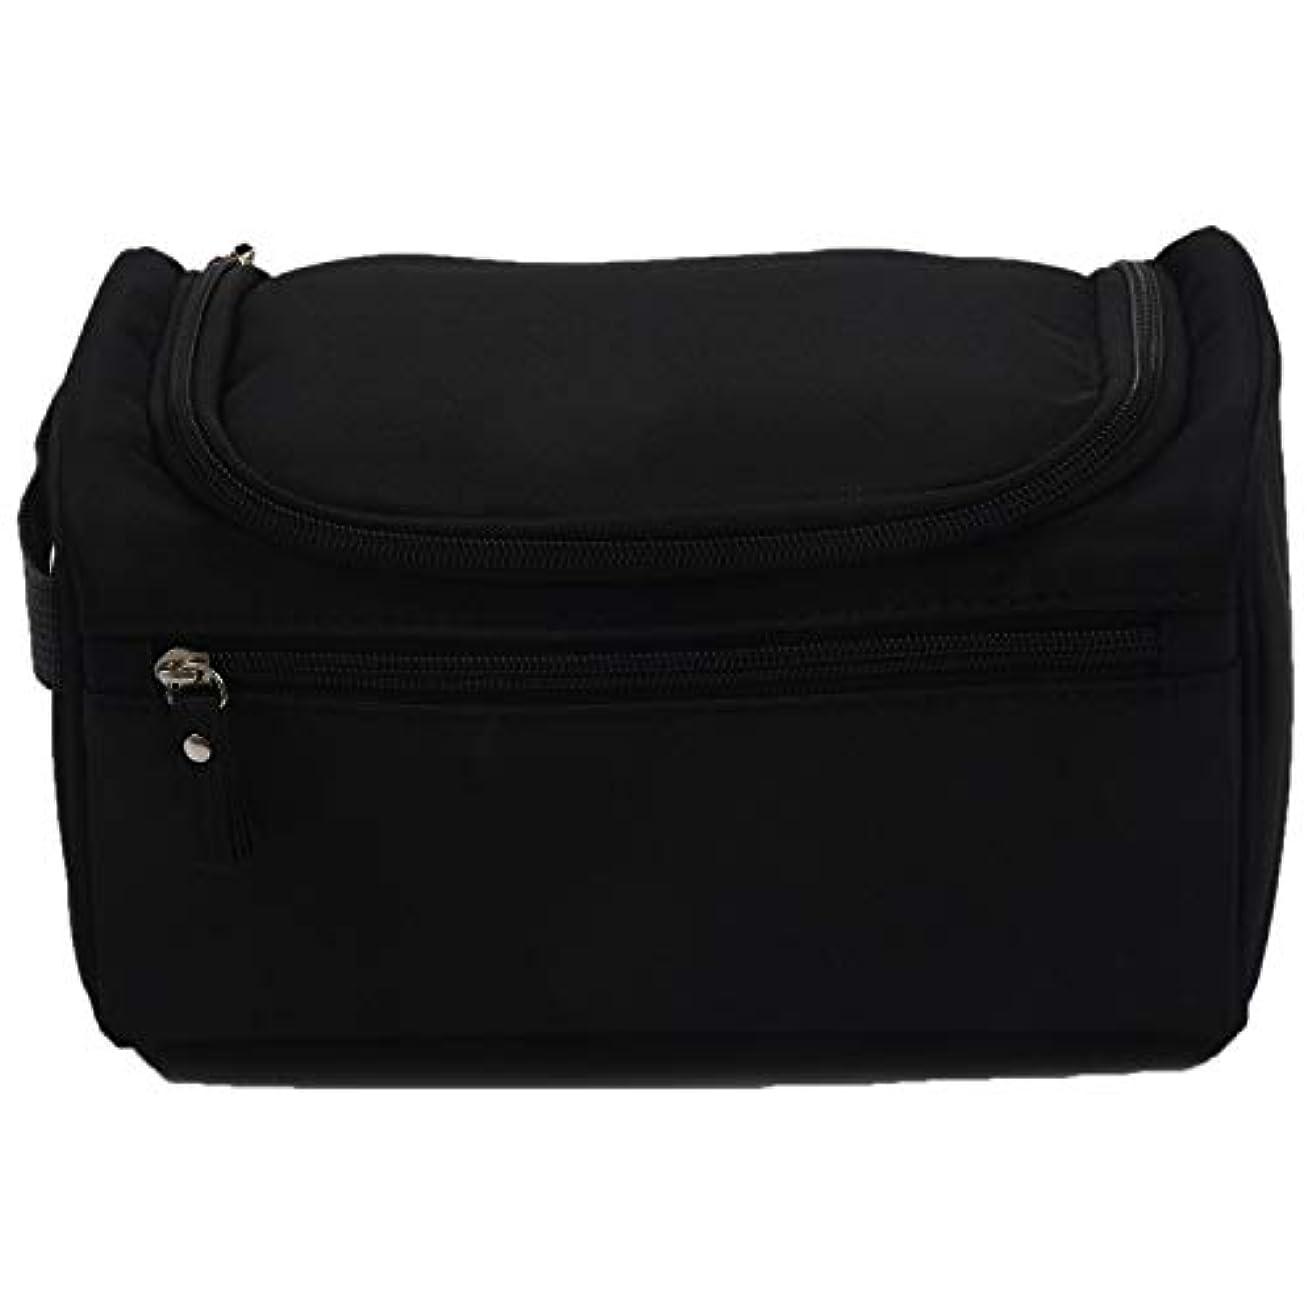 テクトニックごちそう通り抜けるSODIAL ( R ) Hand Washバッグメンズ旅行大容量ストレージWashバッグカラー:ブラック